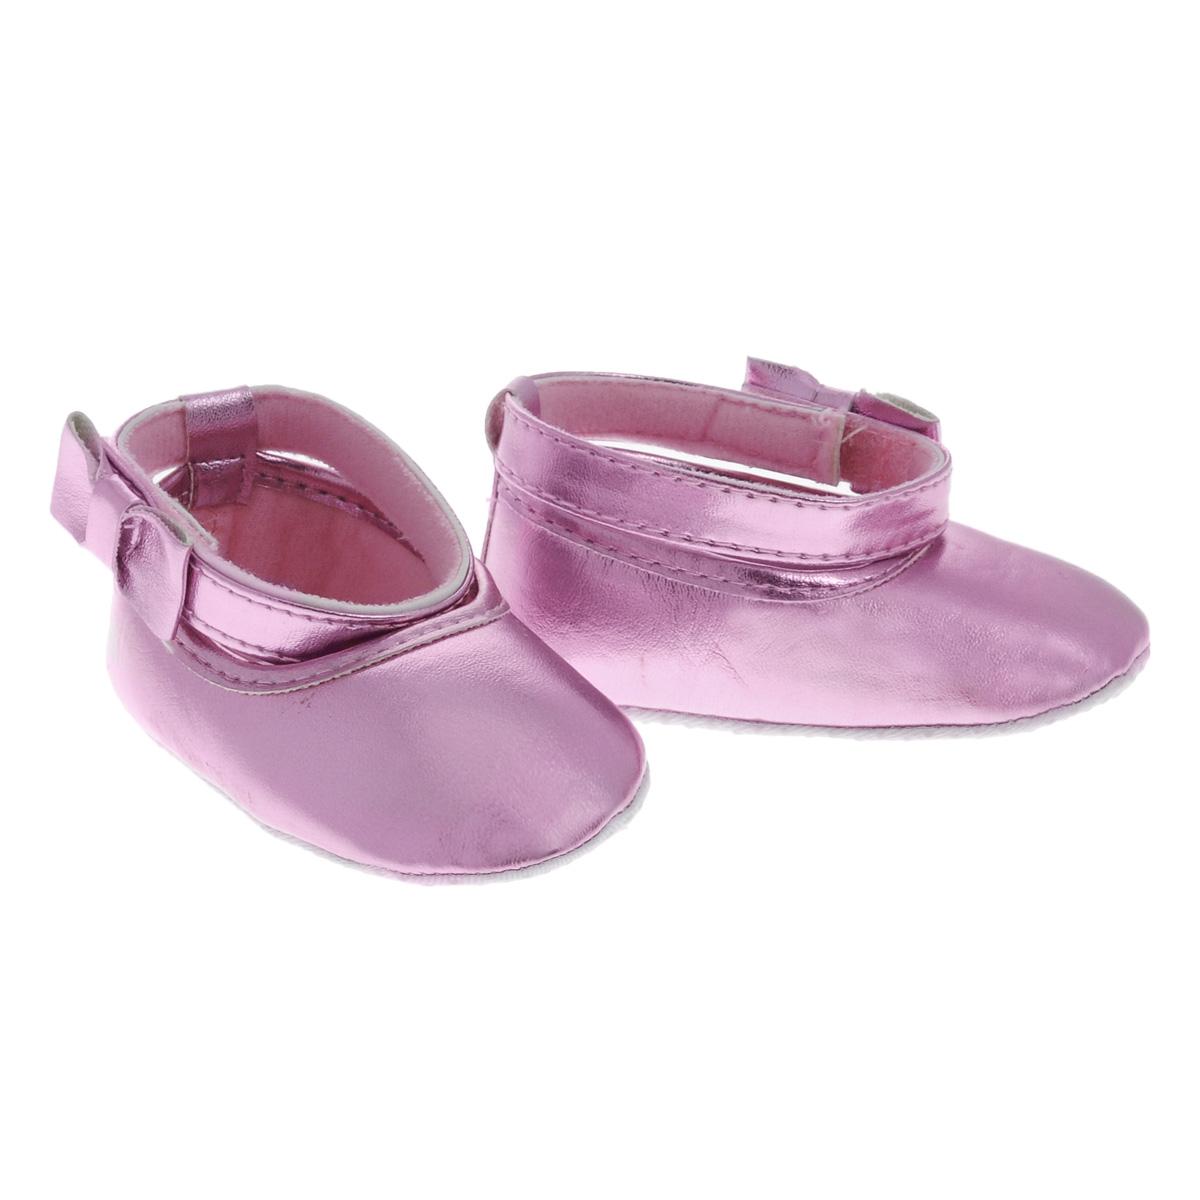 Пинетки для девочки Luvable Friends Балетки с бантиком, цвет: розовый. 11153. Размер 12/18мес пинетки luvable friends пинетки клетчатые кеды